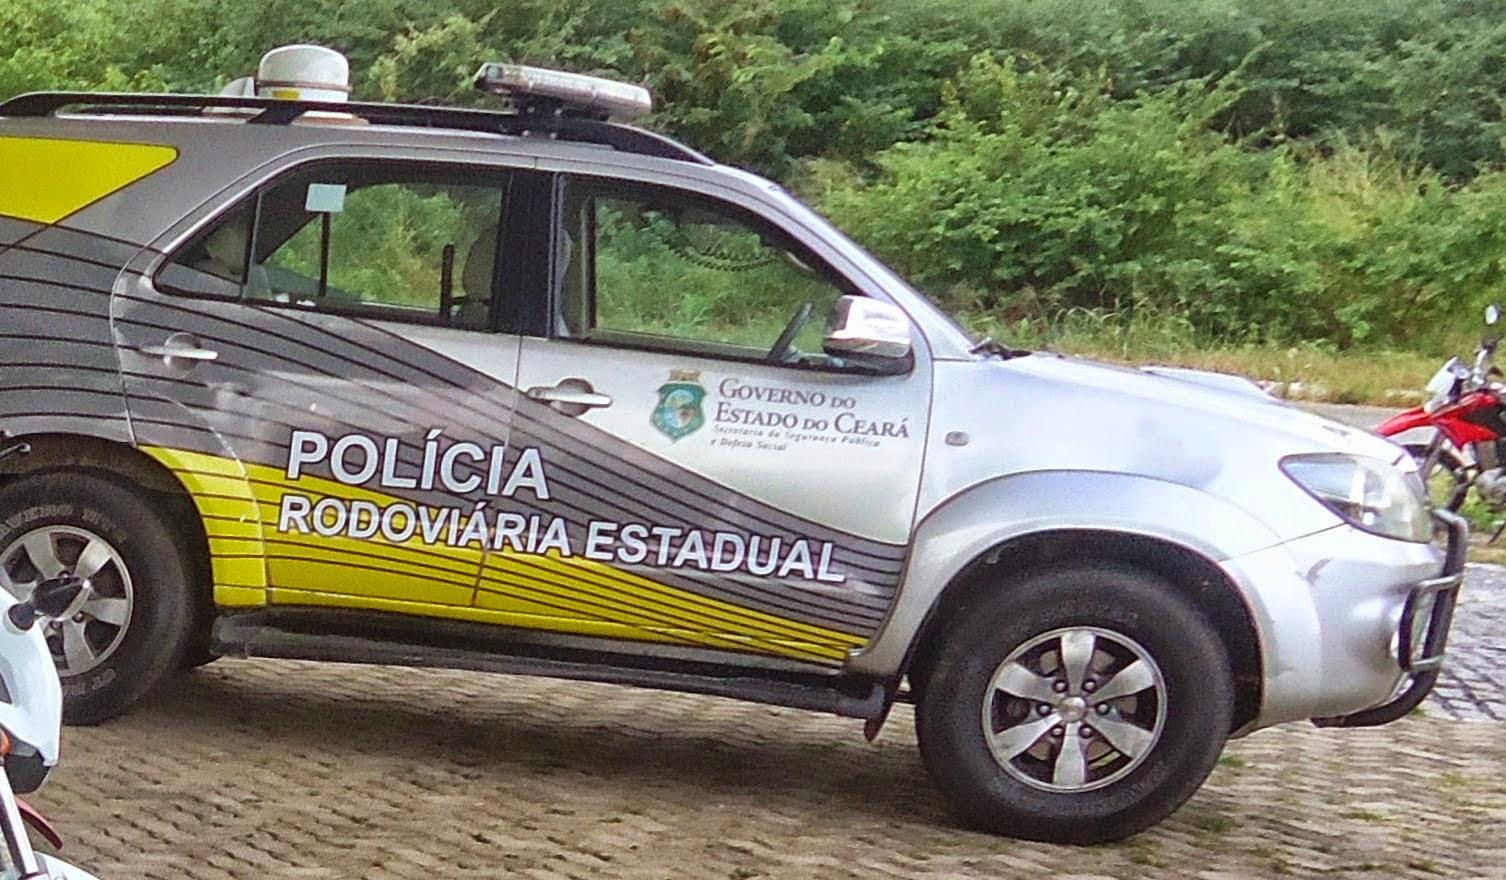 Resultado de imagem para Policia Rodoviaria Estadual